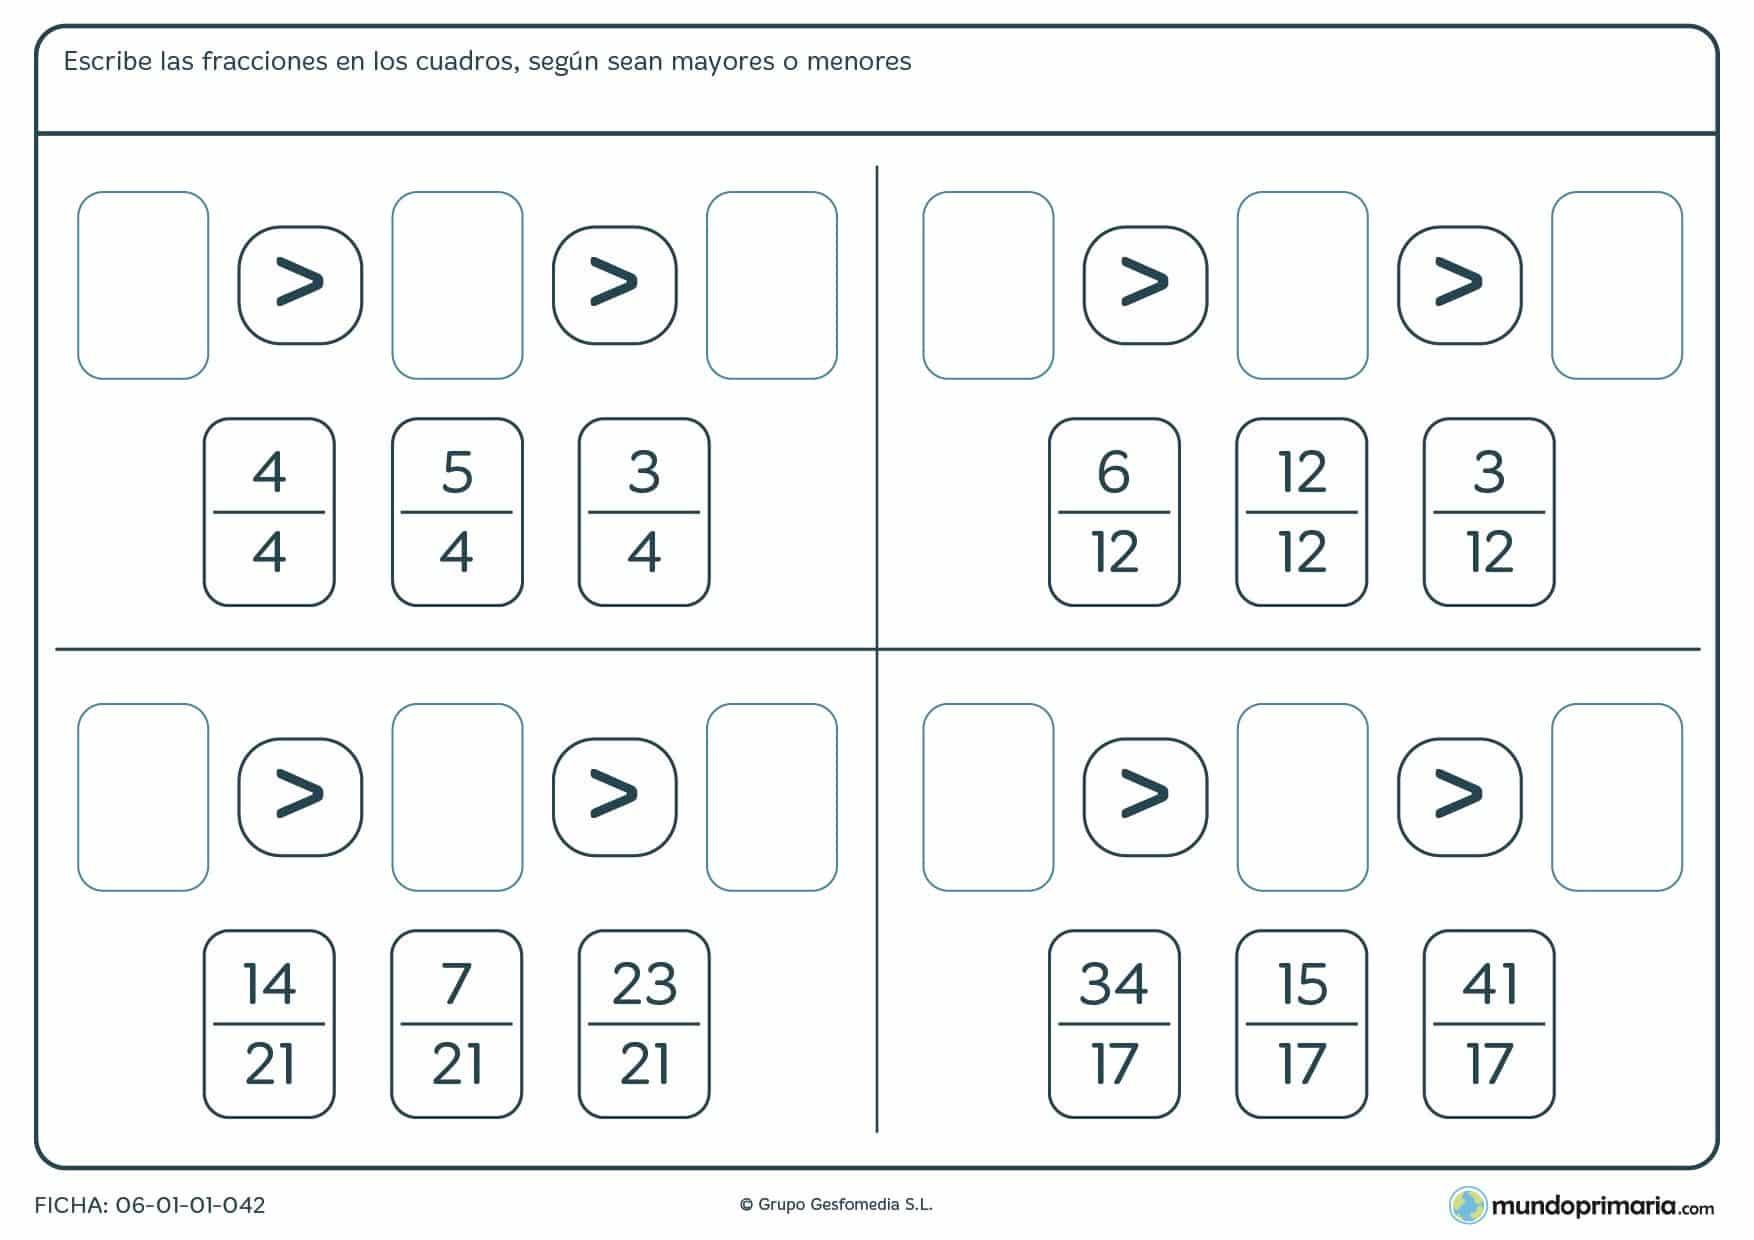 Ficha diseñada para repasar la comparación de fracciones por su numerador para alumnos de cuarto de Primaria